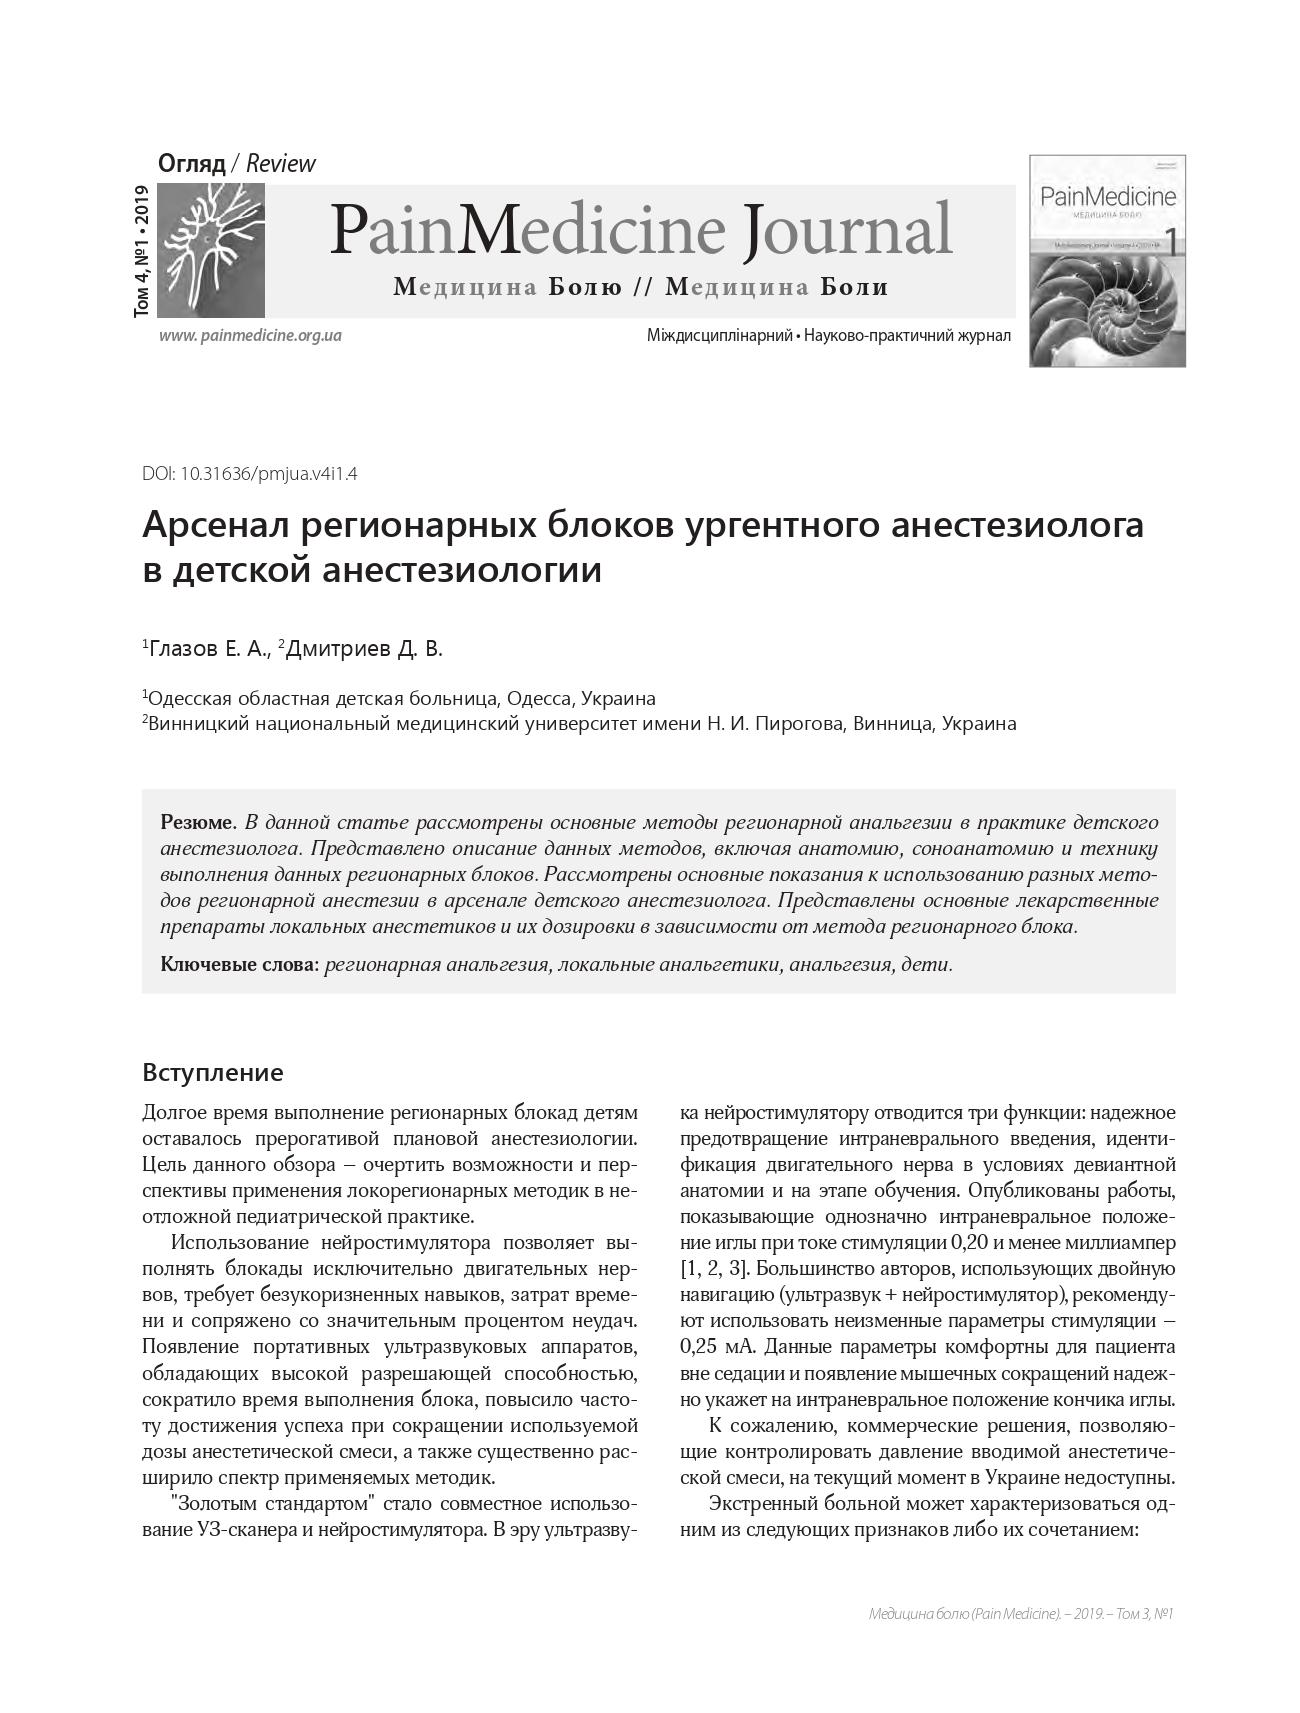 Арсенал регионарных блоков ургентного анестезиолога в детской анестезиологии